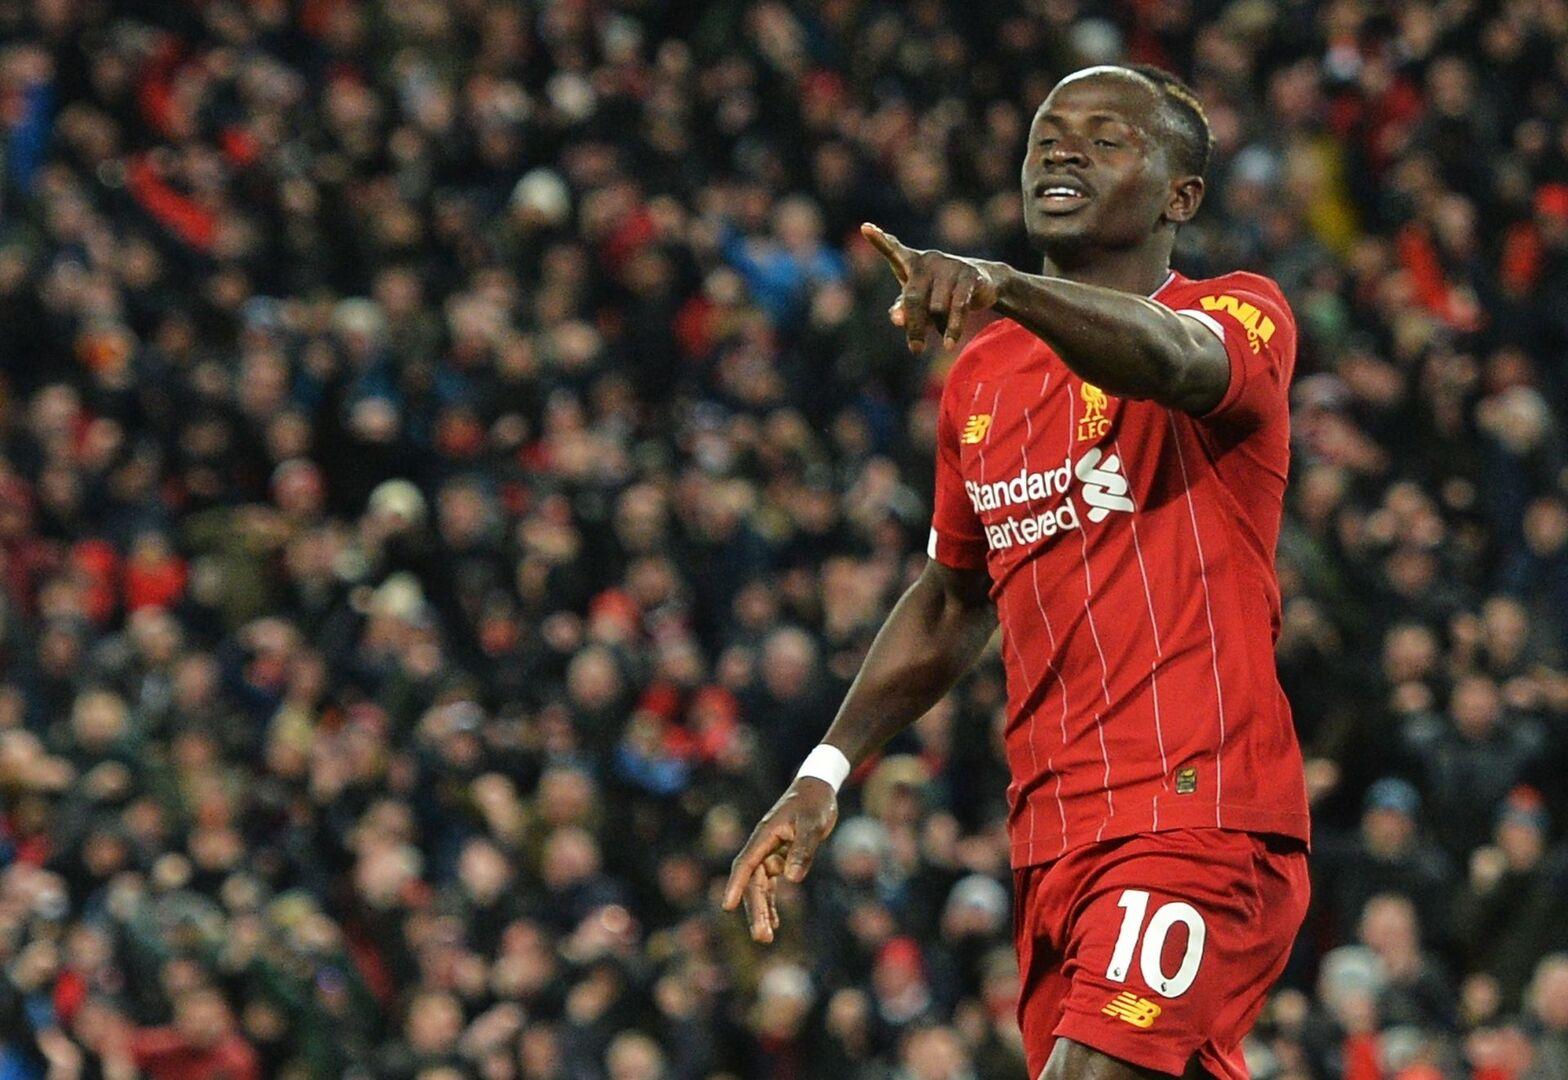 El Liverpool iguala el récord de victorias seguidas